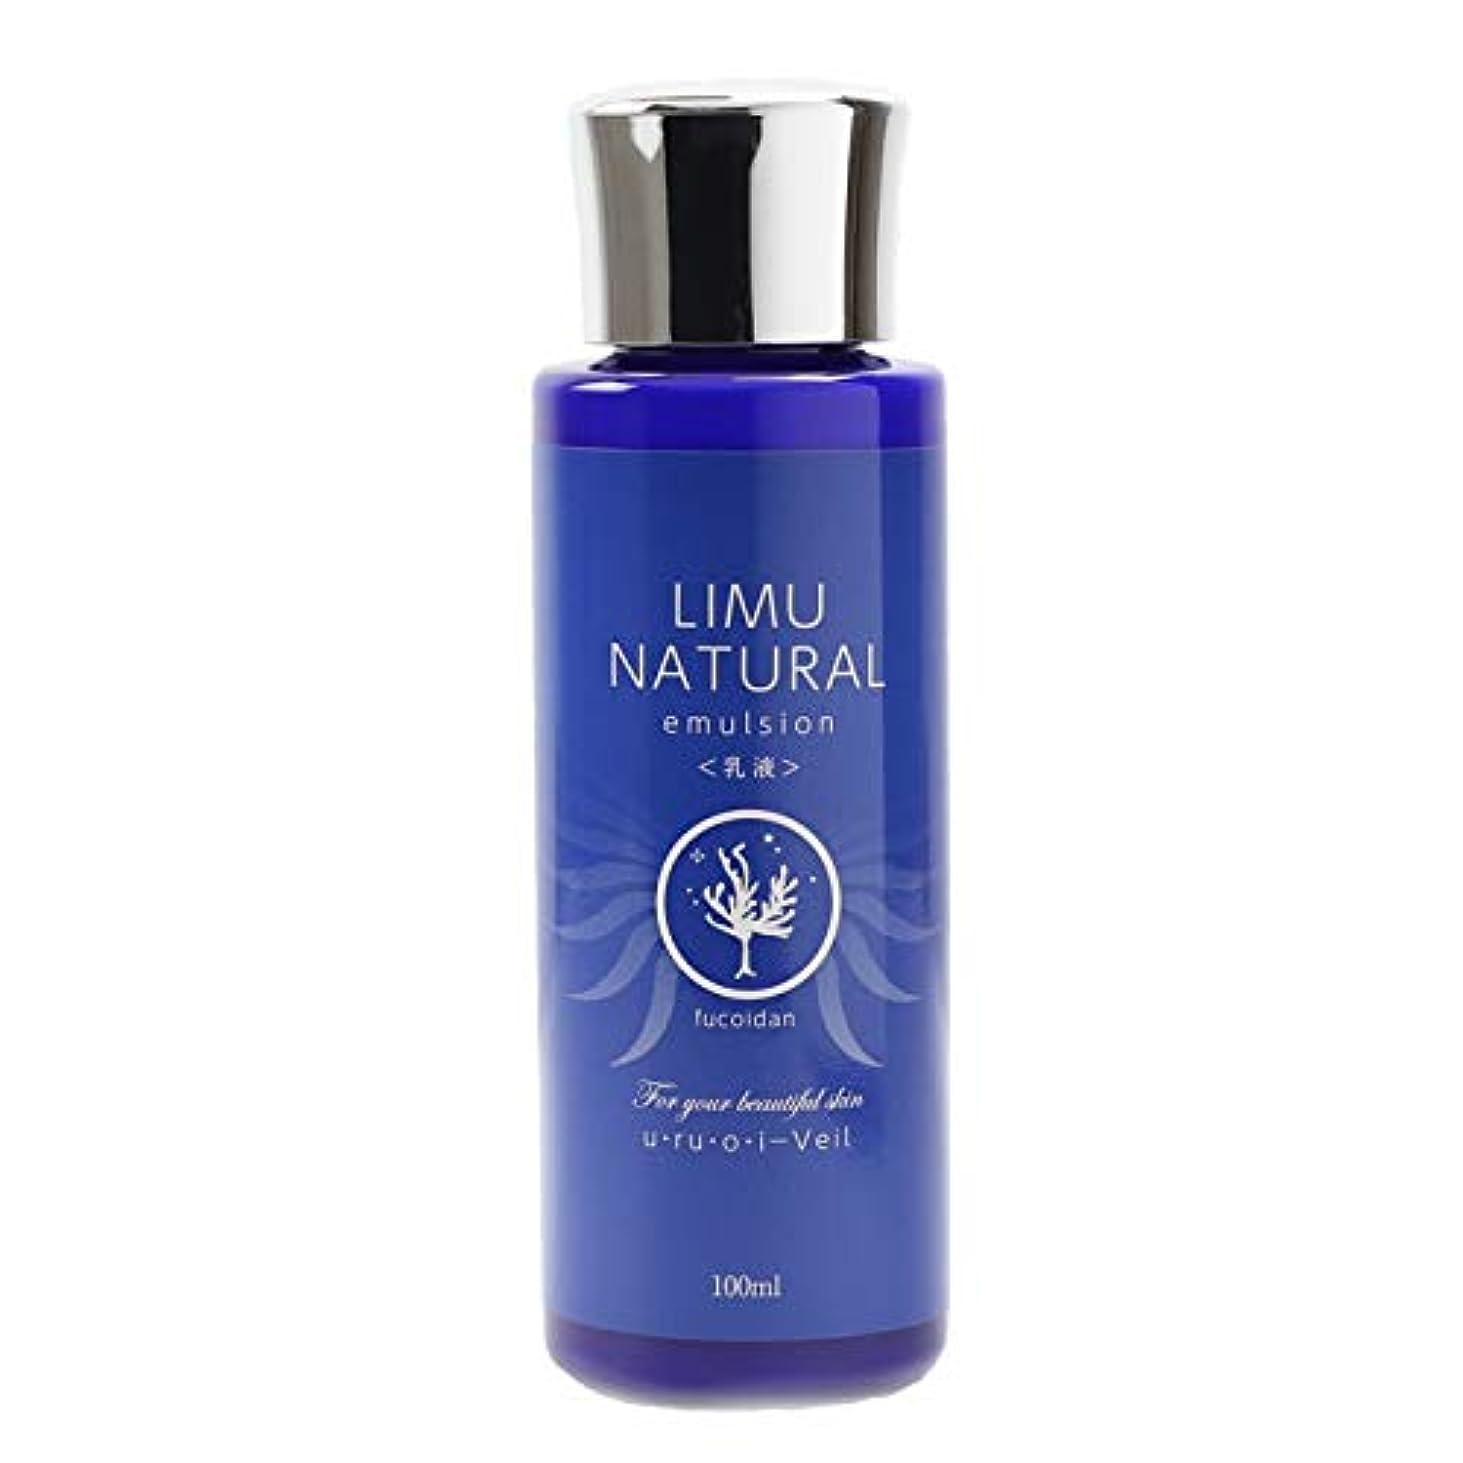 制限シニスストレッチリムナチュラル 乳液 LIMU NATURAL EMULSION (100ml) 海の恵「フコイダン」と大地の恵「グリセリルグルコシド」を贅沢に配合